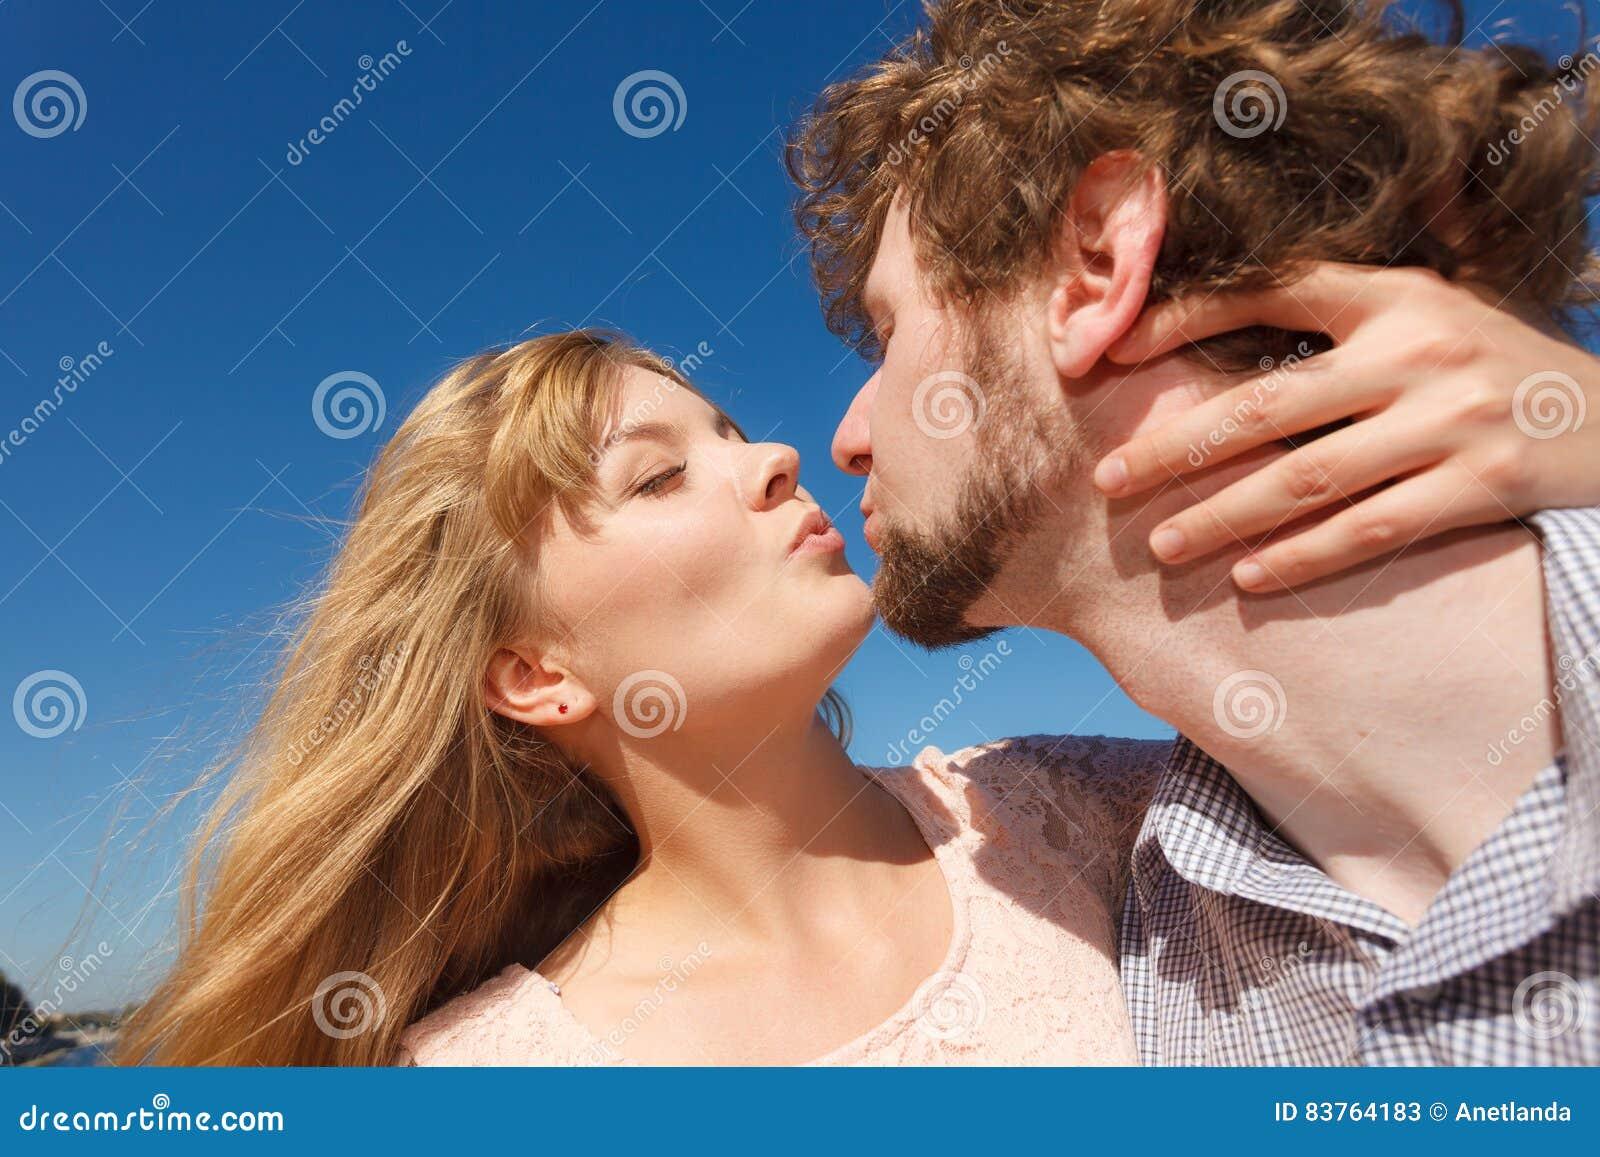 do men enjoy kissing